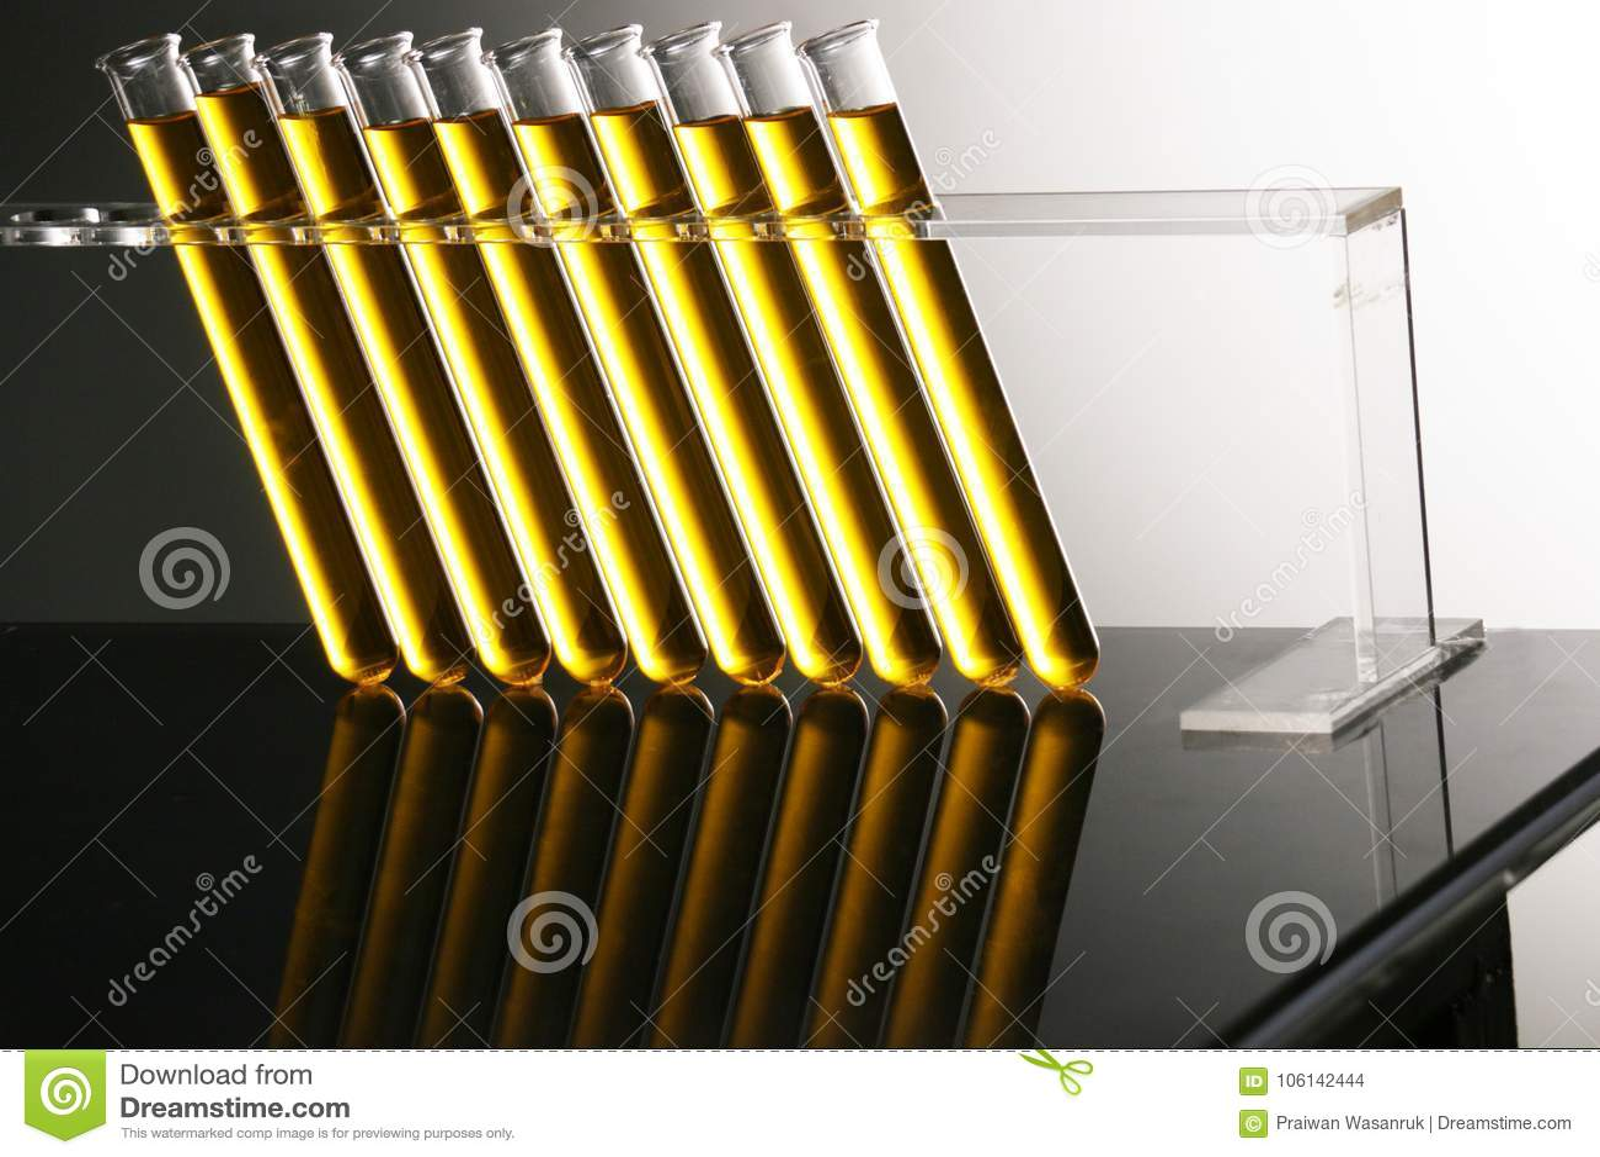 En fila tubo de oro